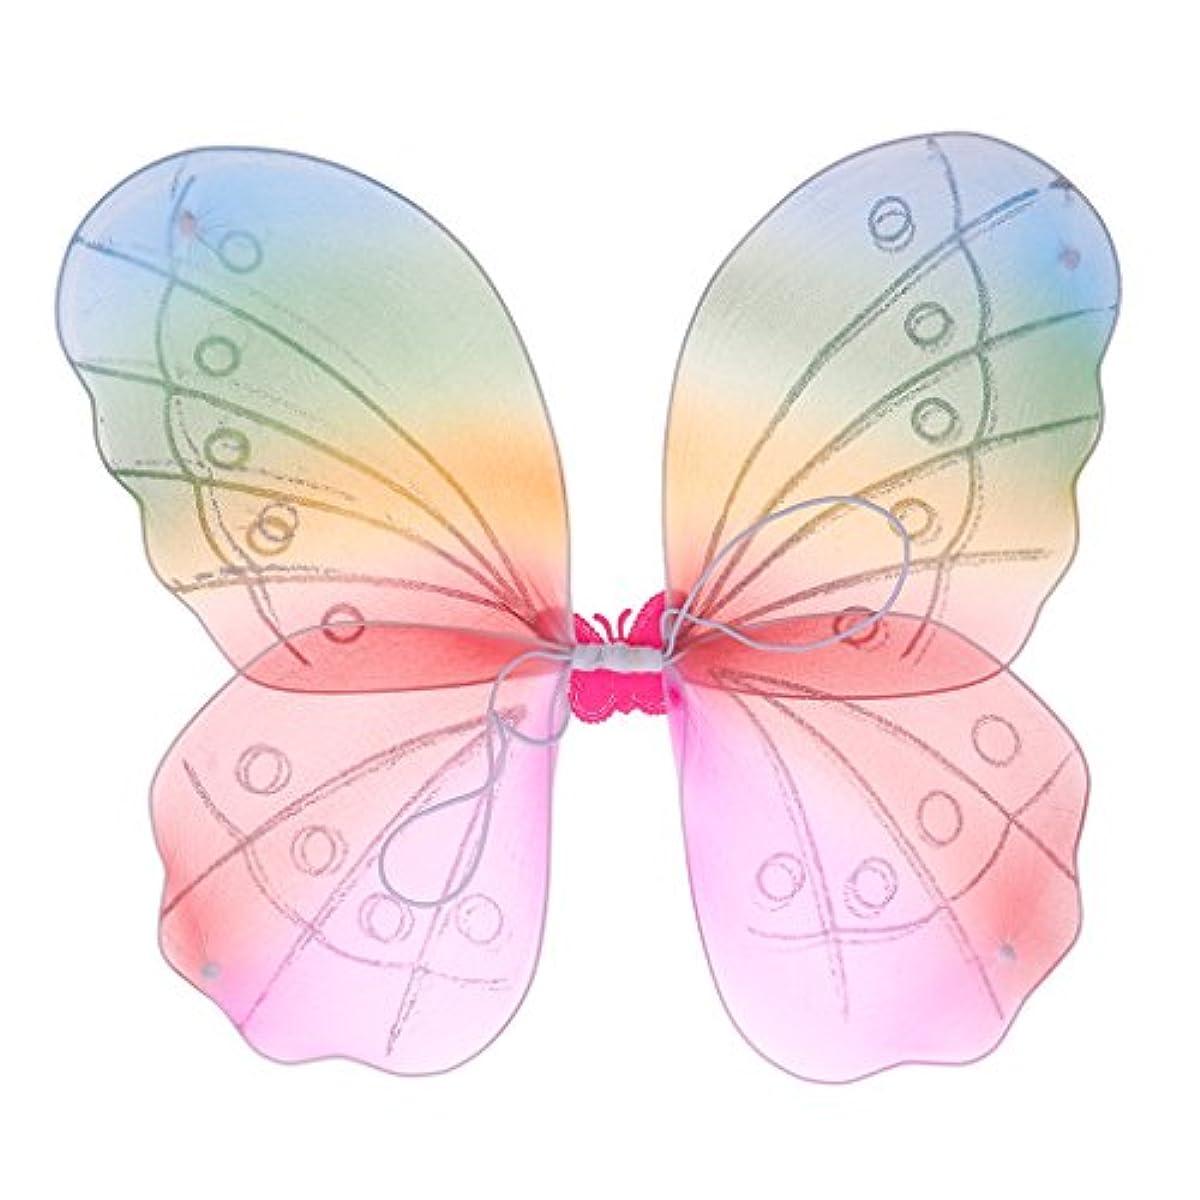 [해외] 버터플라이 페어리 윙 소녀 요정접 마리홍색 이어엽 아이의 해피버스데이 파티 장식